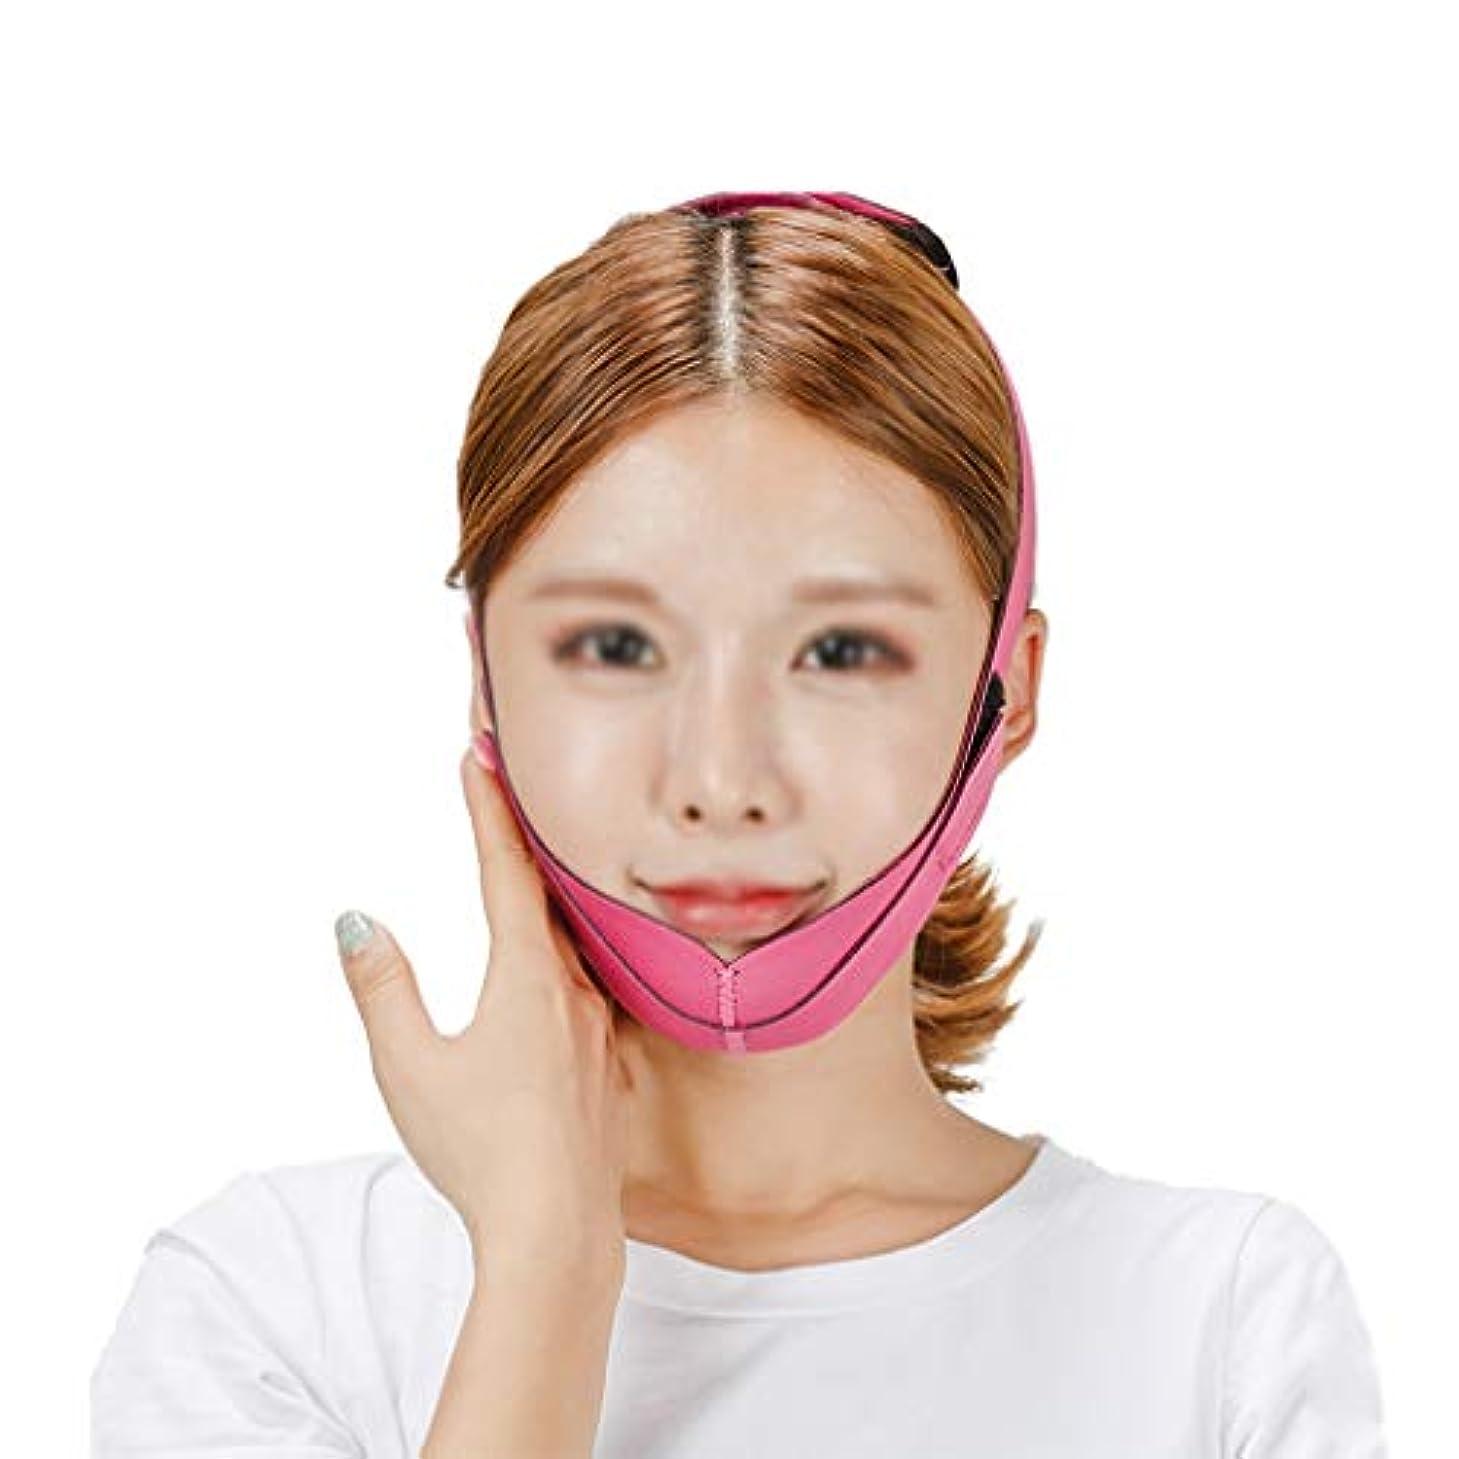 落花生無能注目すべきXHLMRMJ 超薄Vフェイスライン、フェイスリフティングマスク、Vフェイスリフティングとリフティングファーミングパターン、シェイピングフェイス、改善ダブルチン、ピンク、女性に適しています